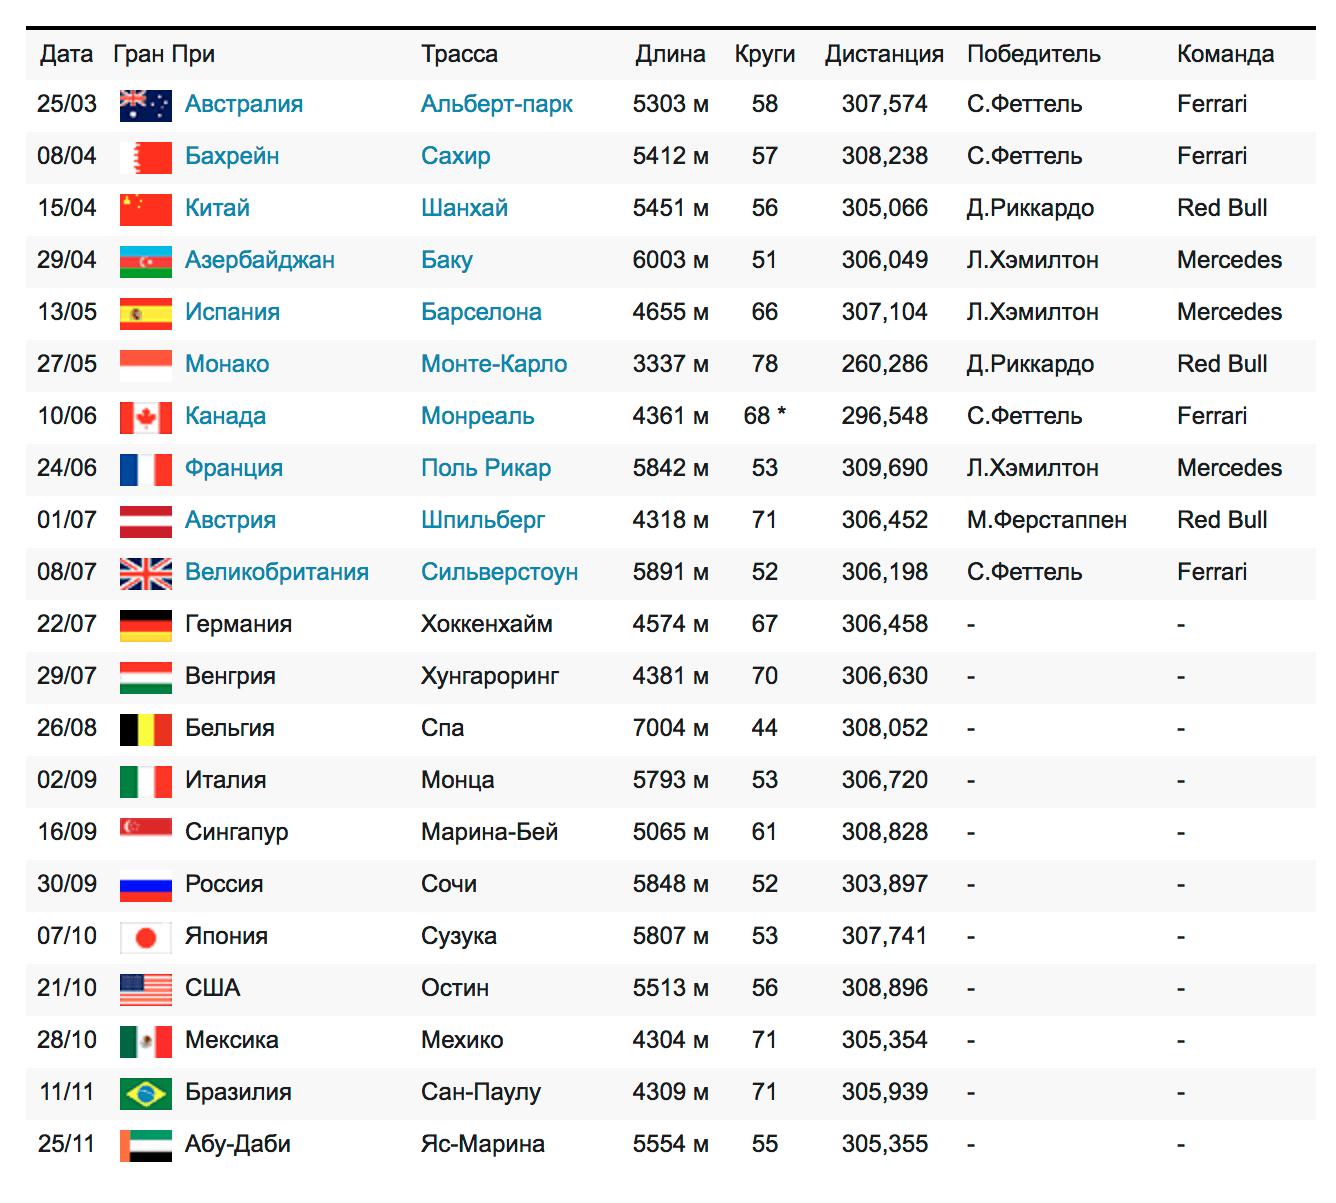 Гонки «Формулы-1» в 2018 году. Источник: f1news.ru